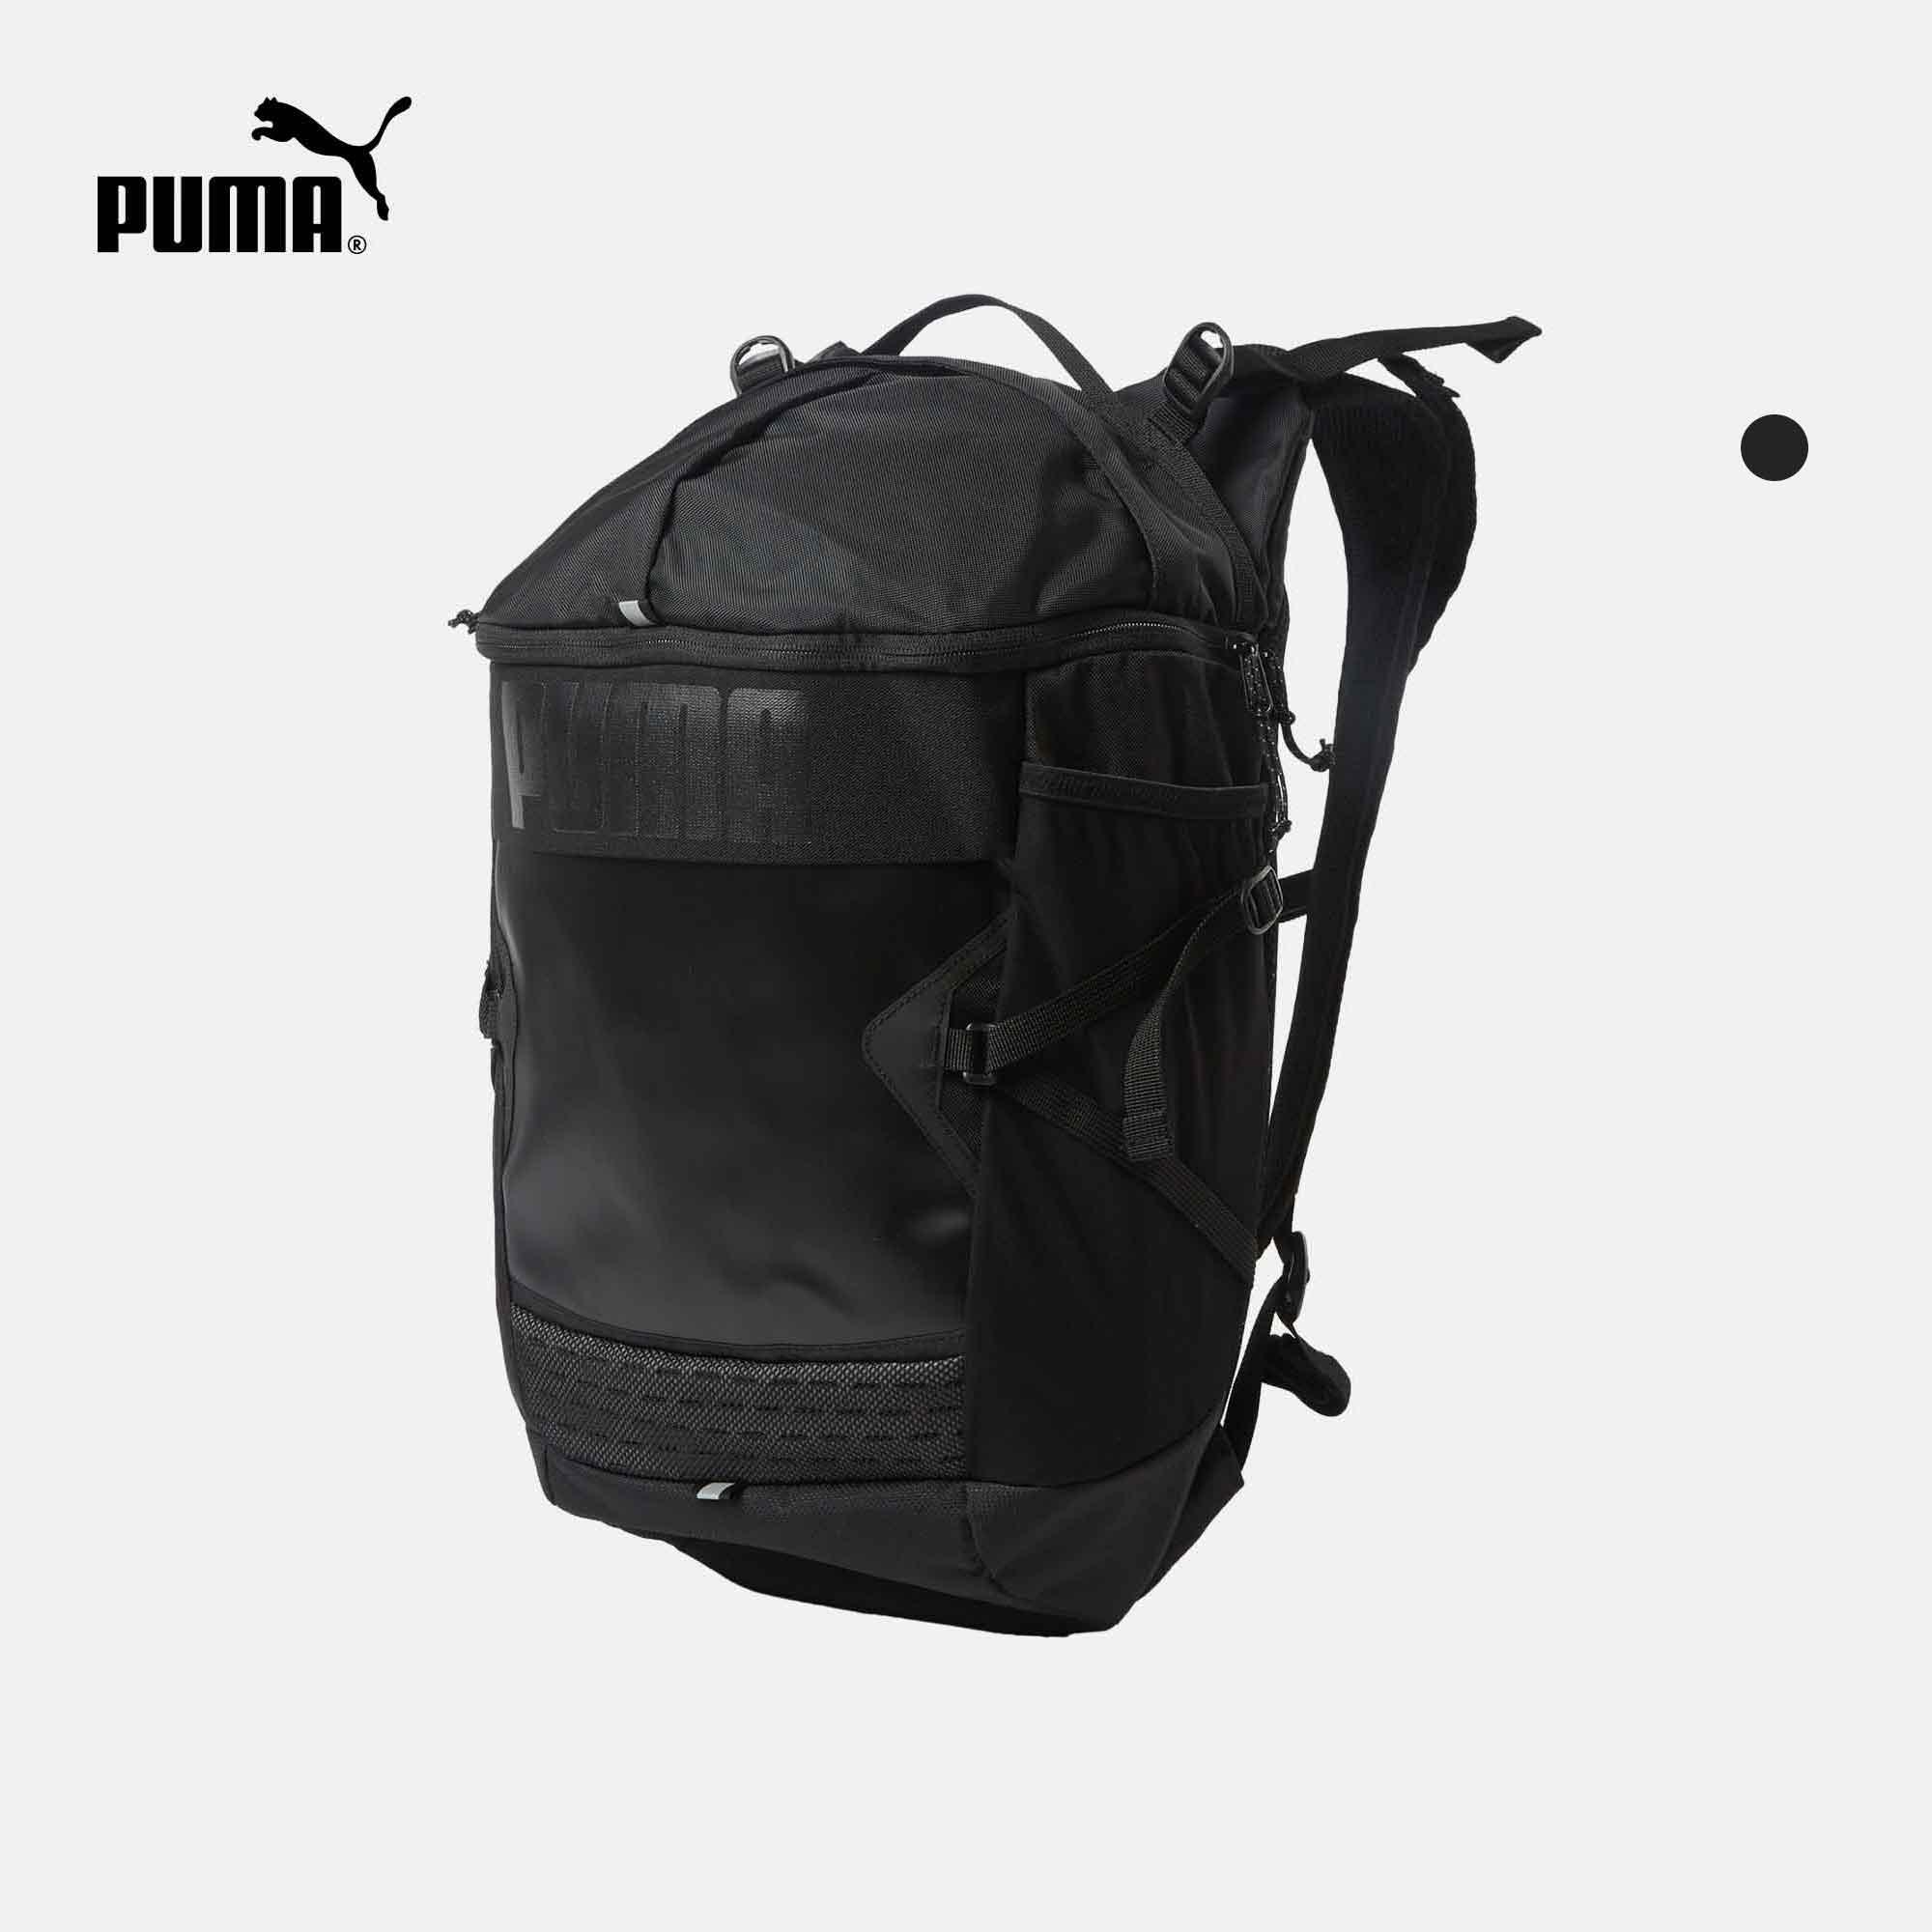 780826a61d11 Puma Puma official shoulder bag Stance 074885